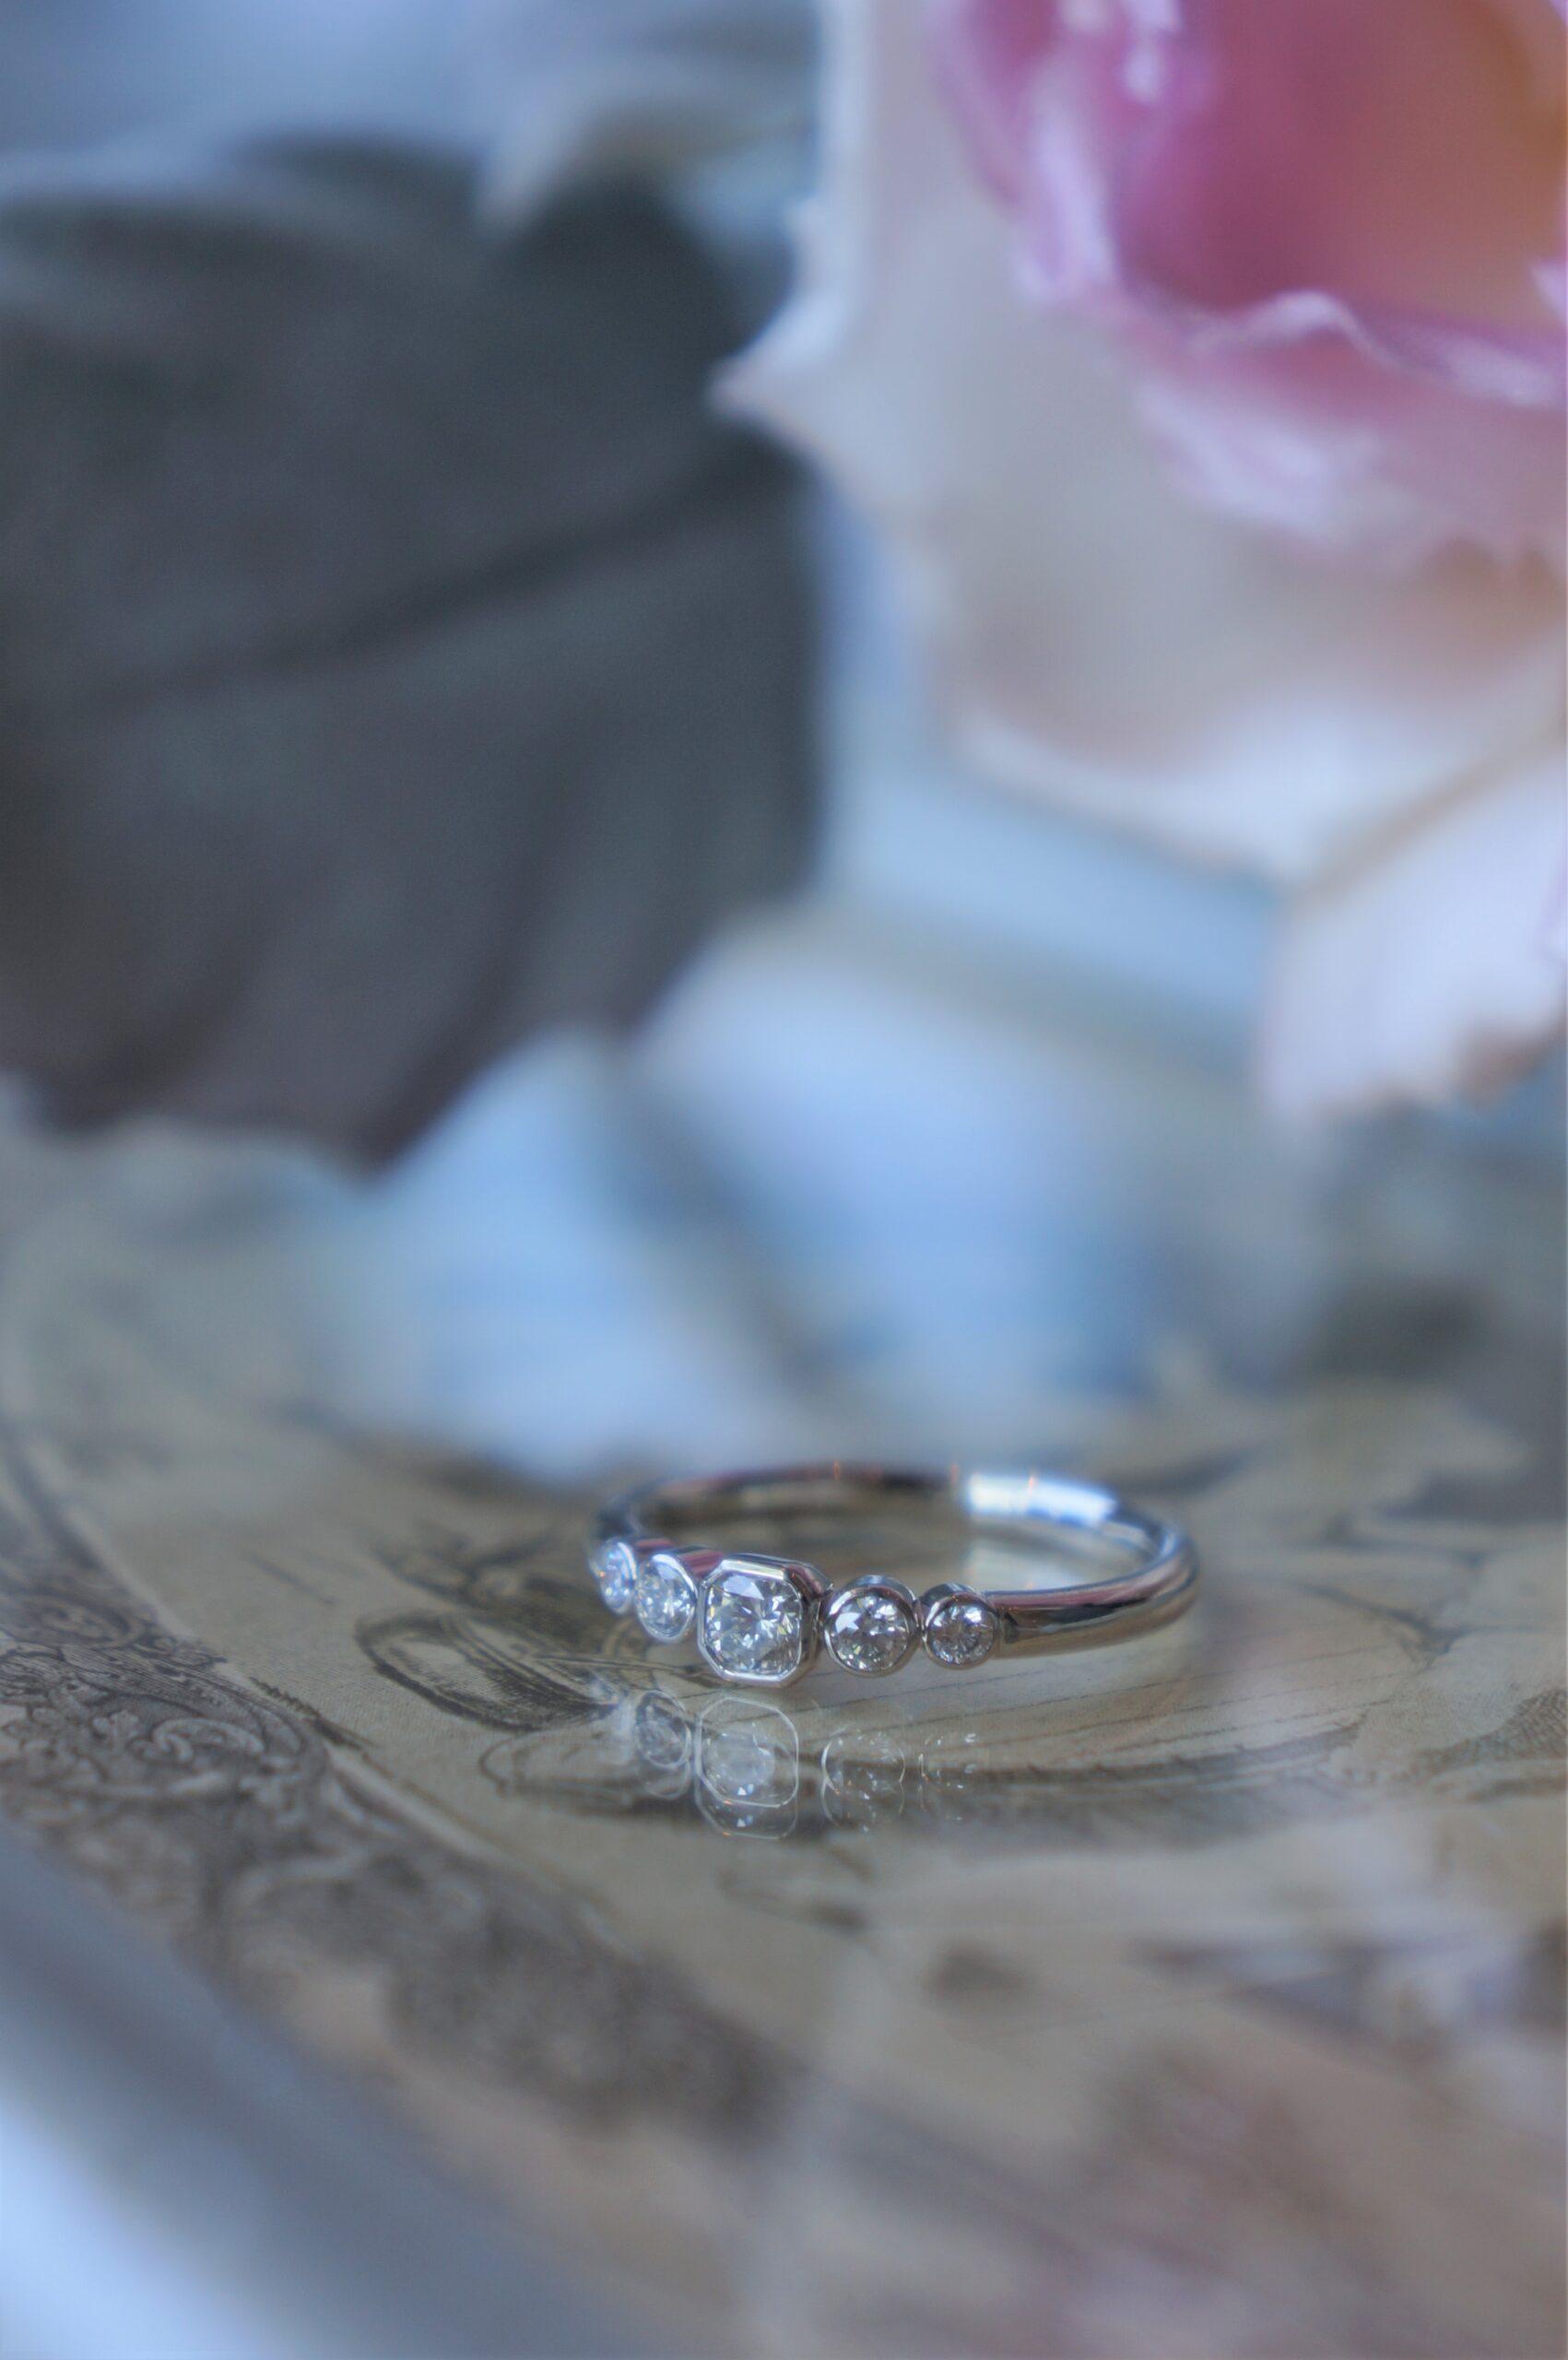 煌めきのグラデーション 一点ものを結婚指輪にお選びいただきました